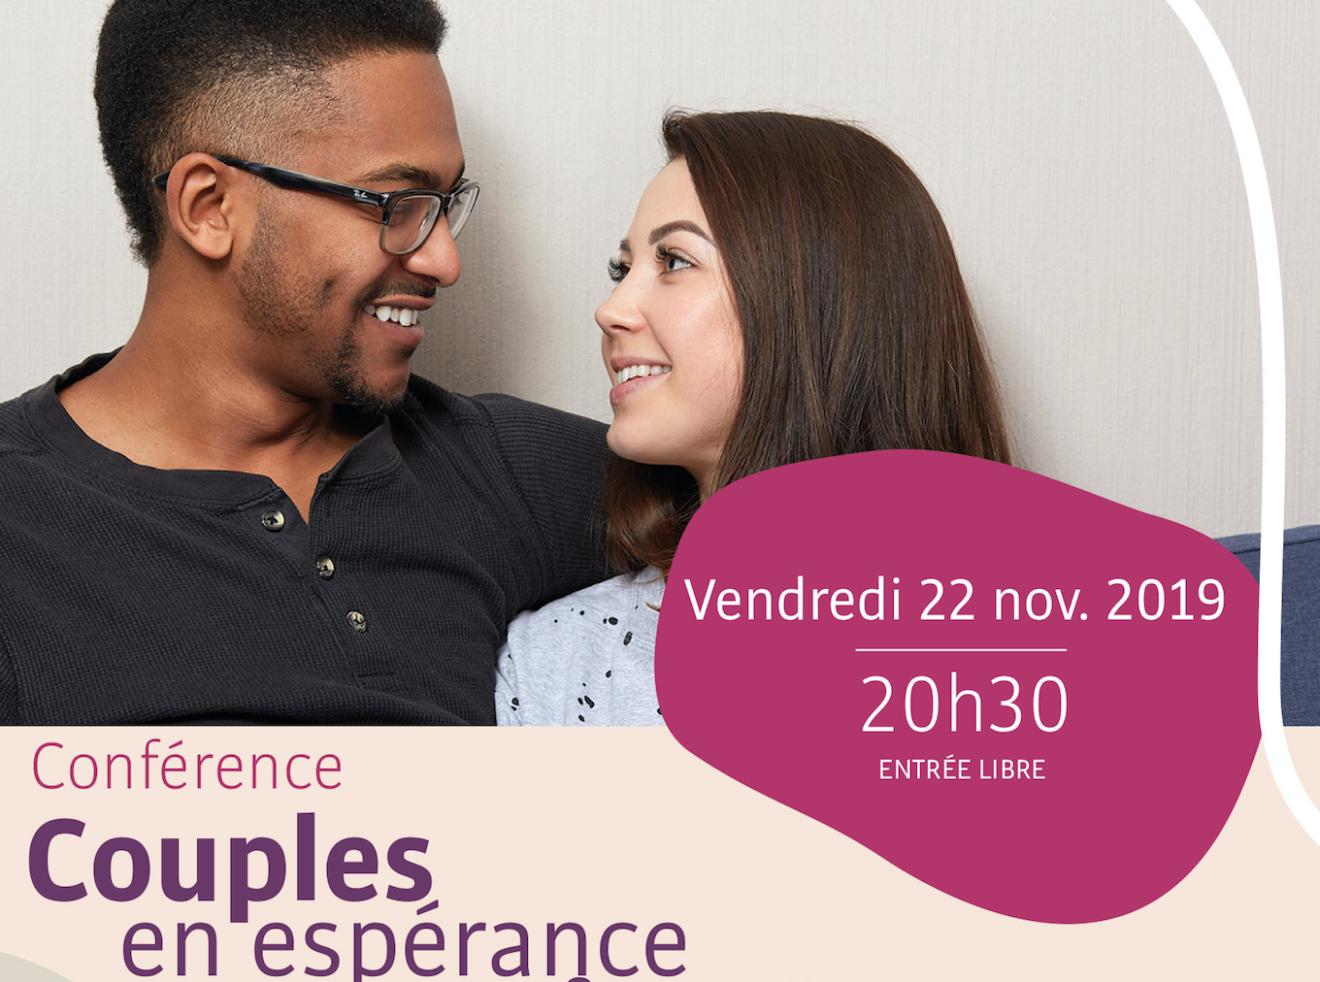 Conférence sur la NaProTechnologie pour les couples en espérance d'enfants